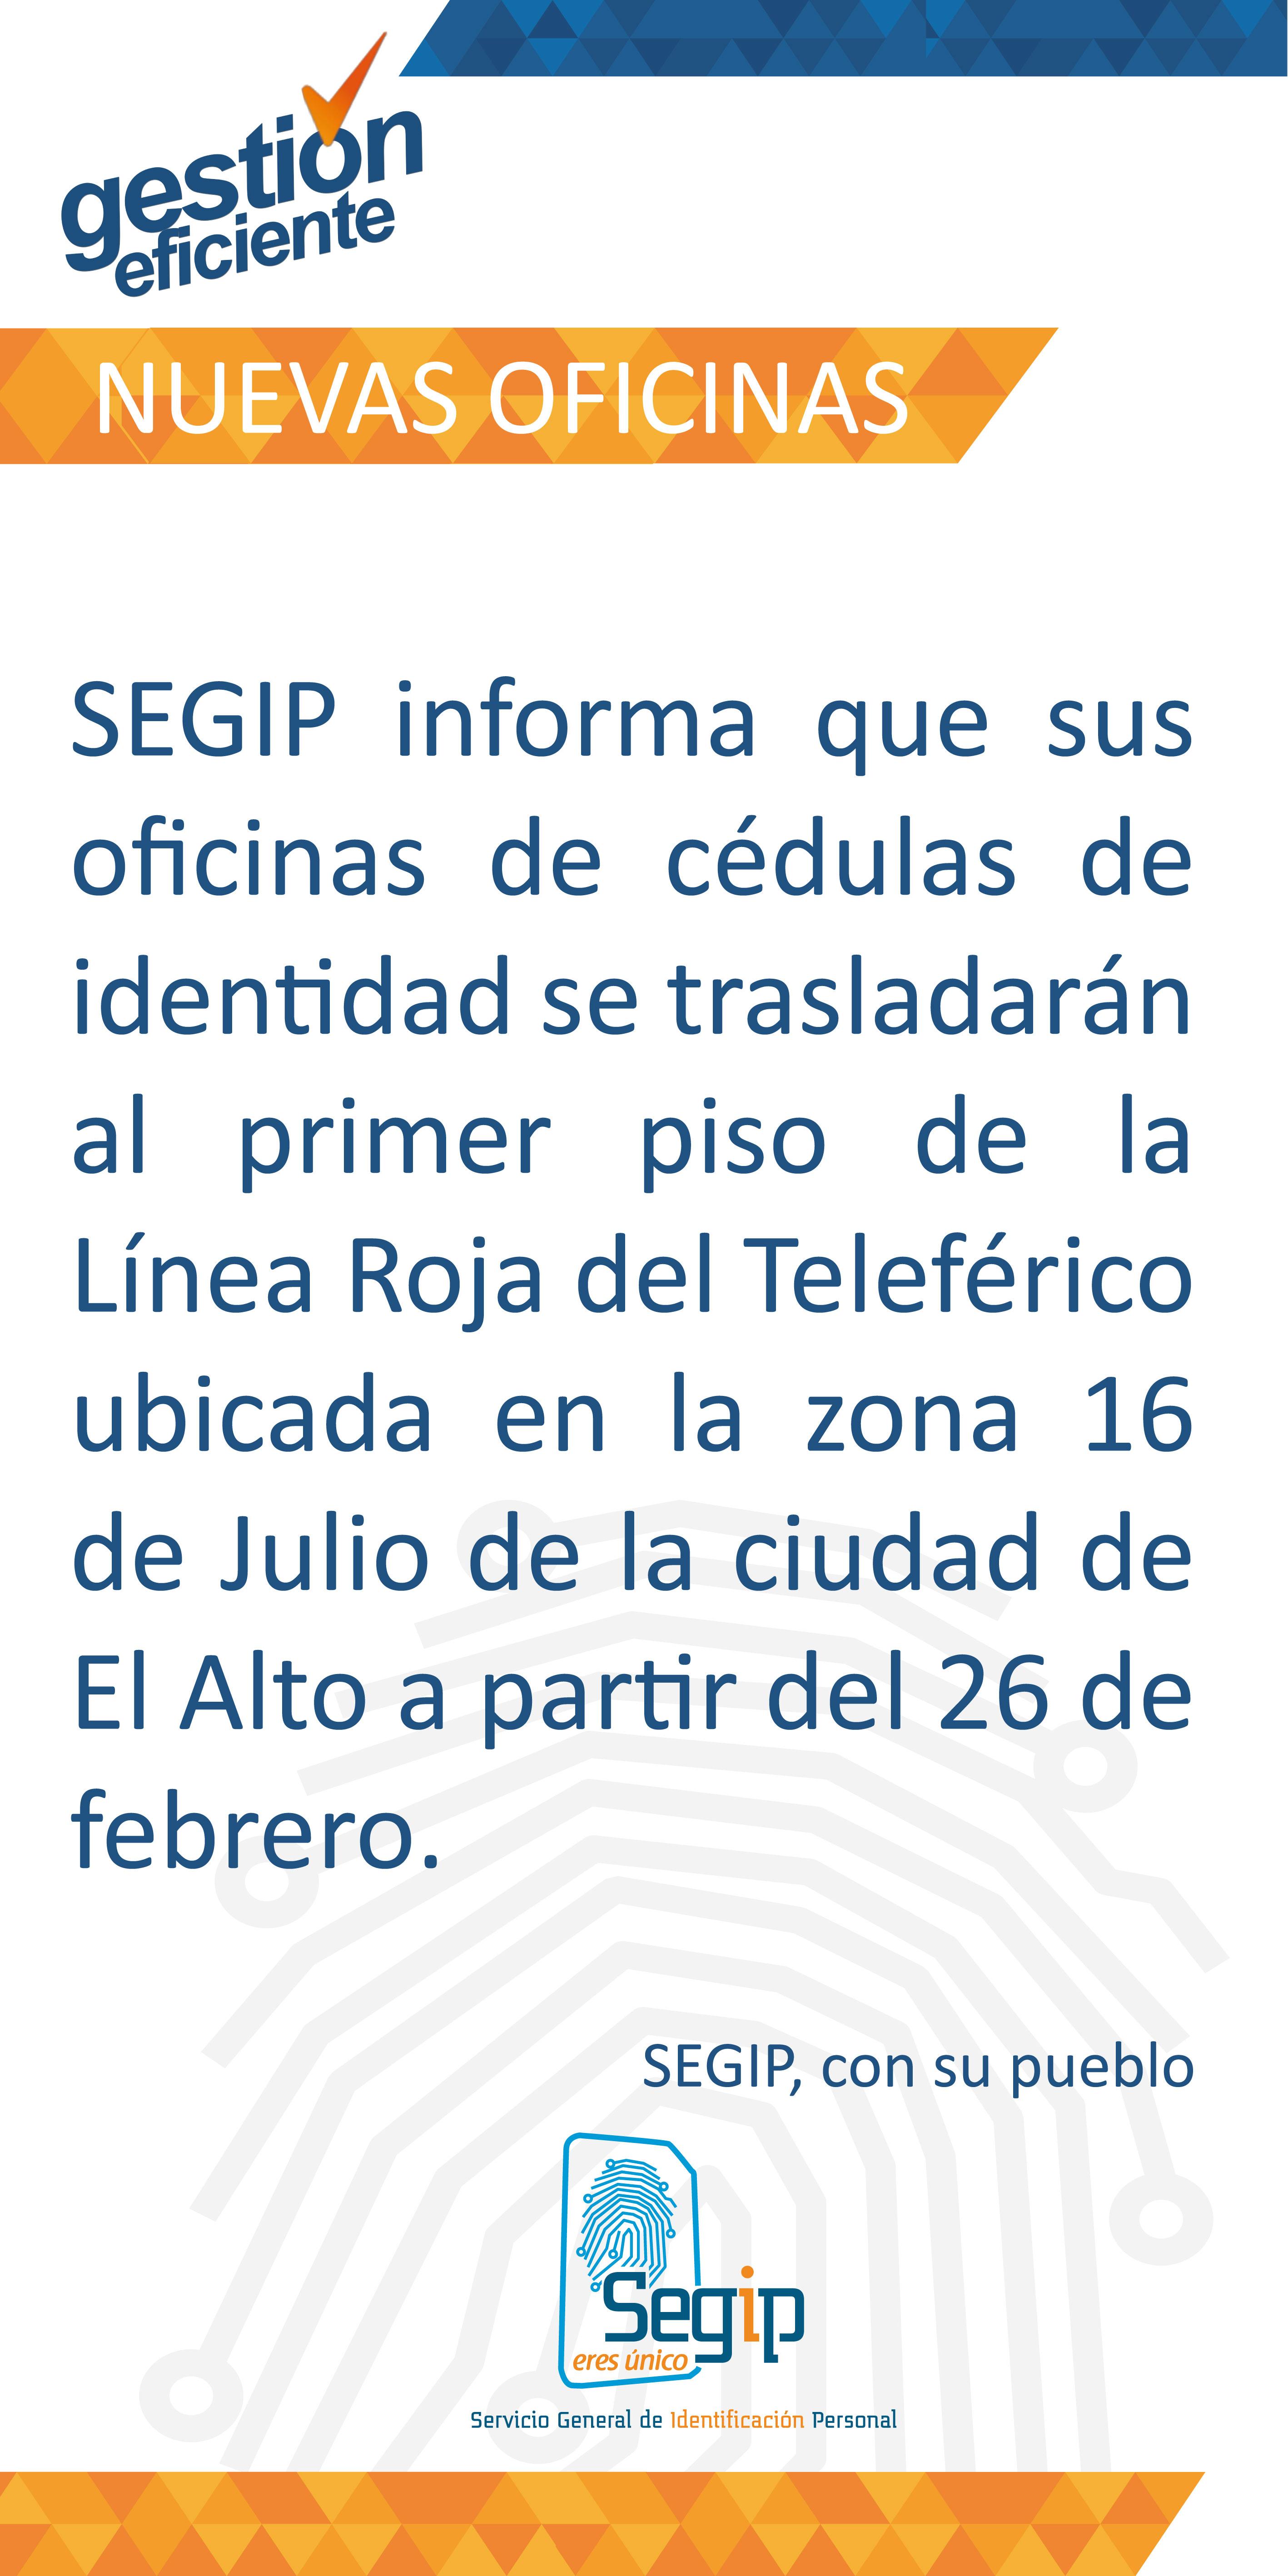 La oficina de la Ceja de El Alto cambia de dirección